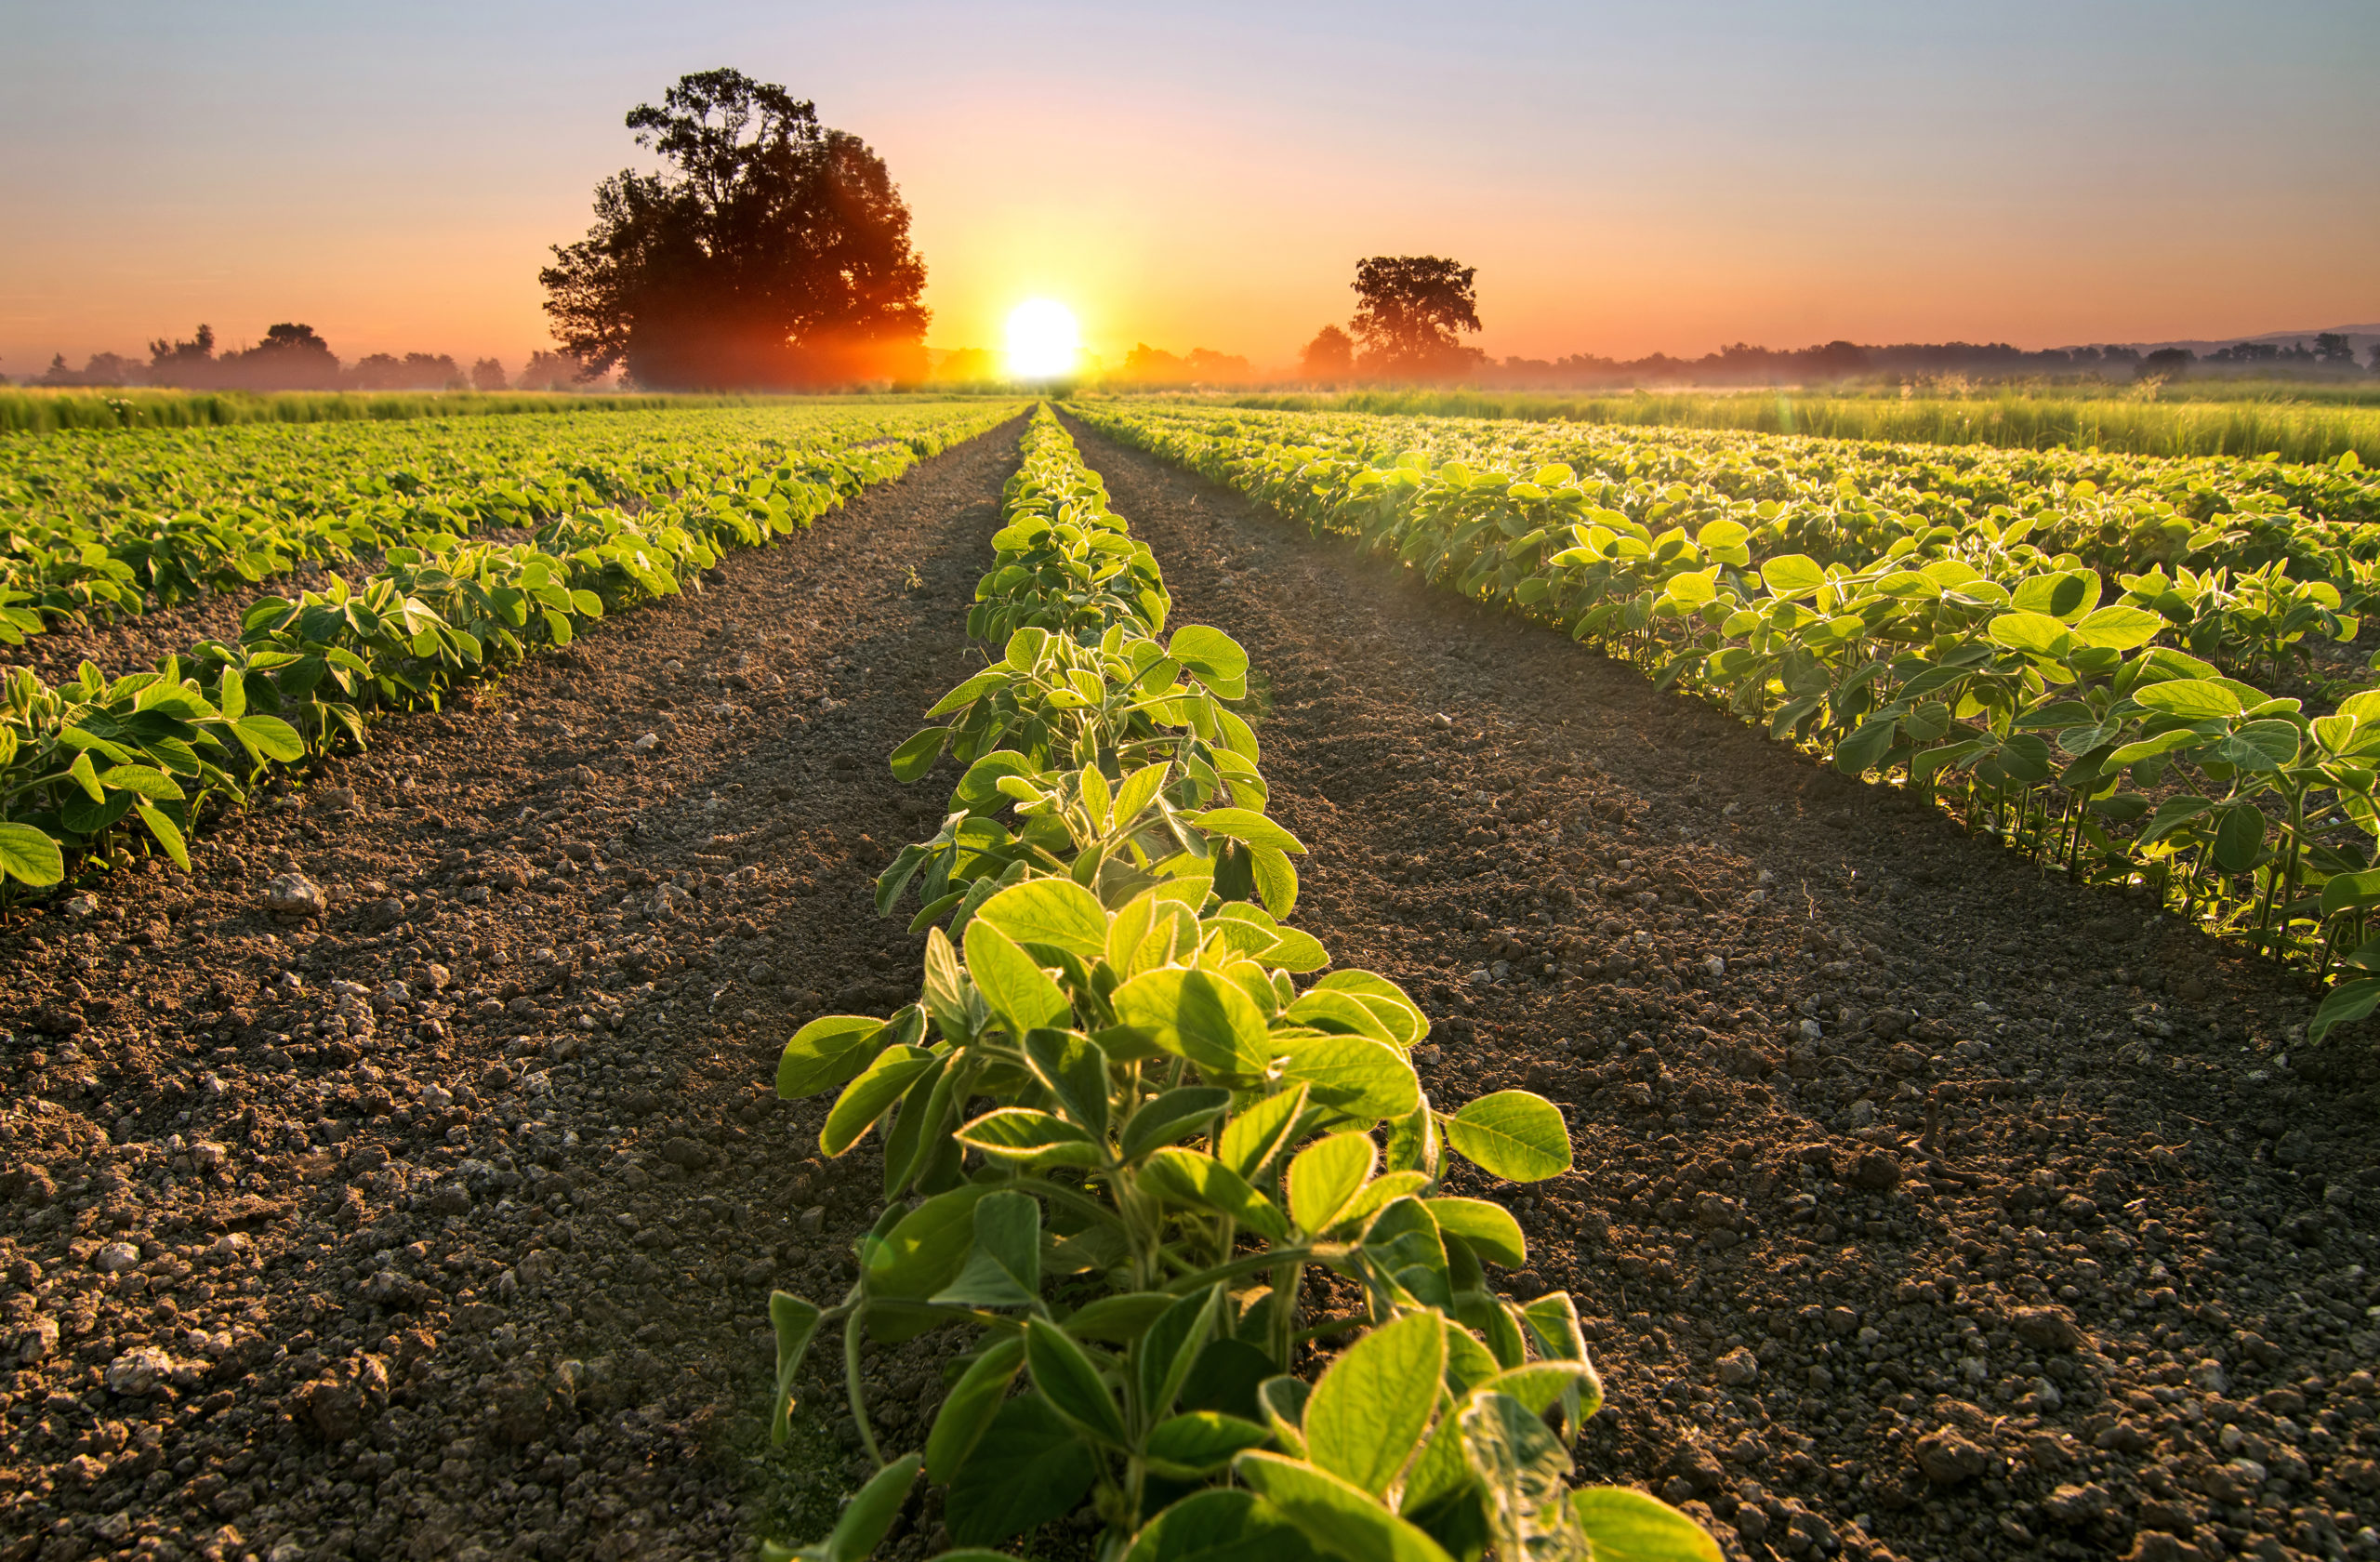 Mercado agrícola segue promissor em 2021, diz Presidente da ABIMAQ